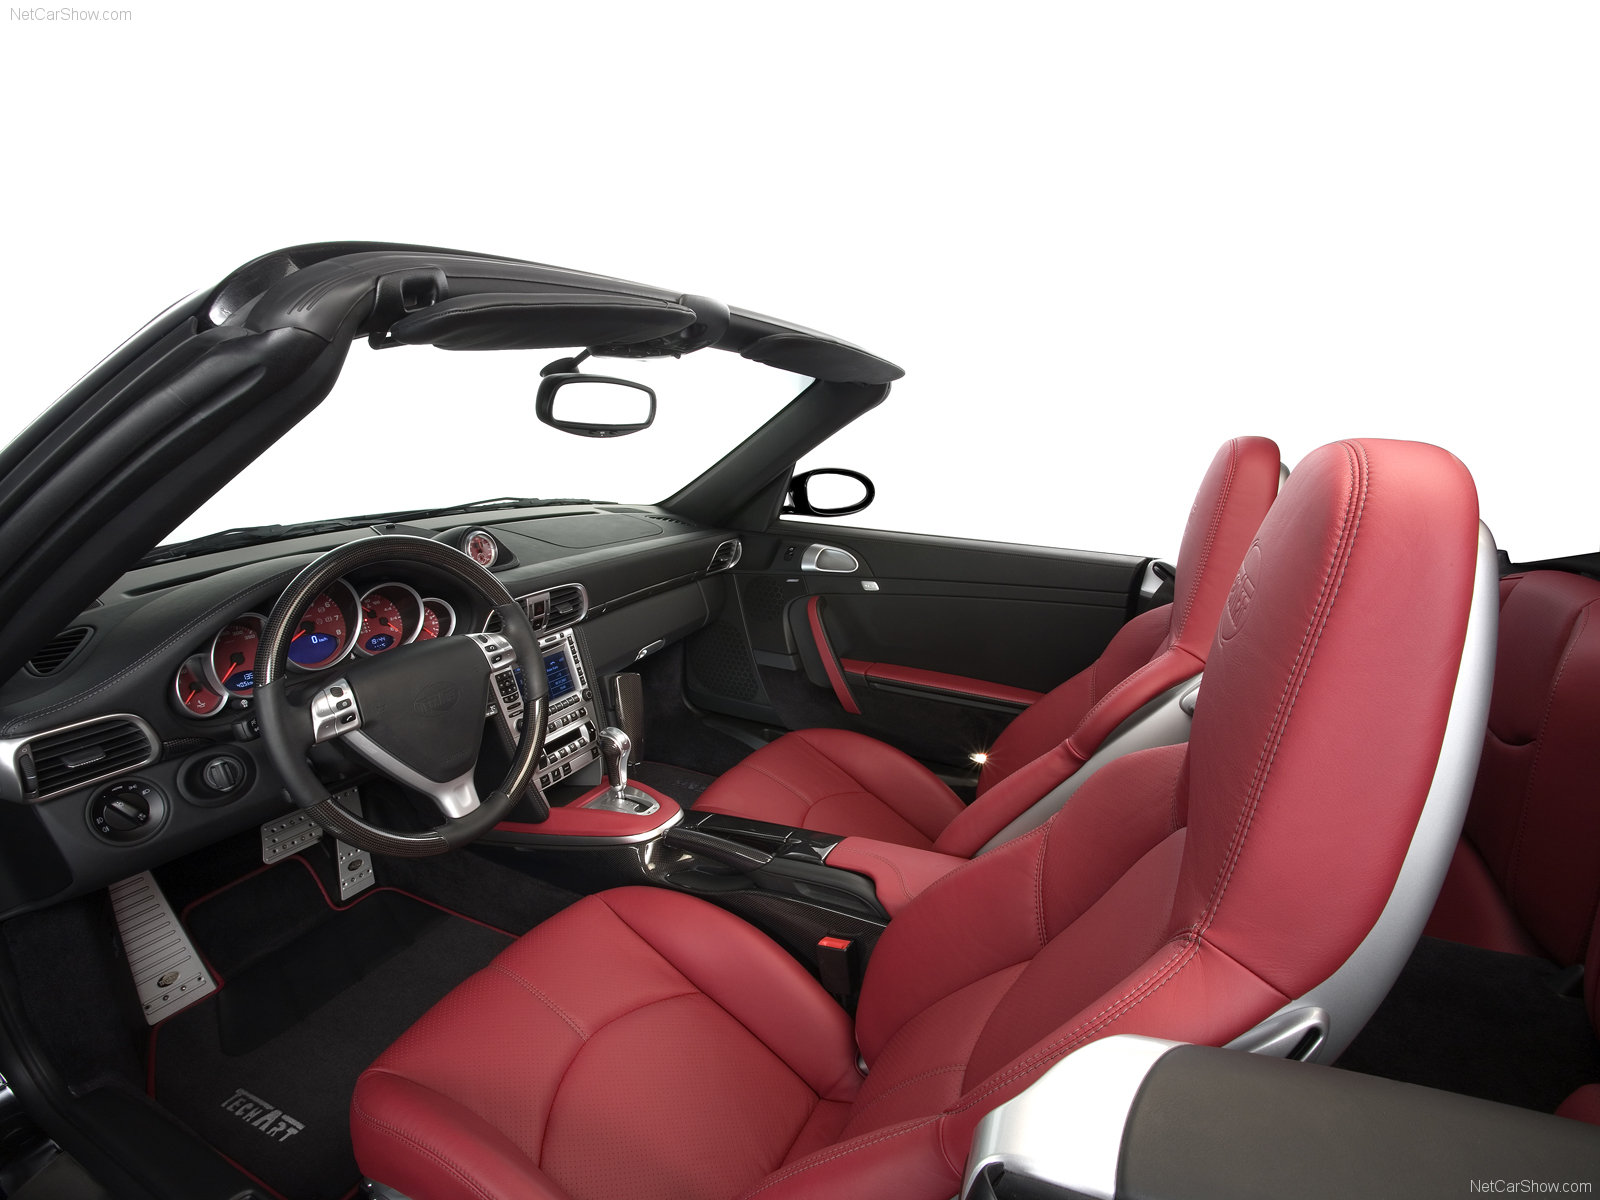 Hình ảnh xe ô tô TechArt Porsche 911 Turbo Cabriolet 2007 & nội ngoại thất